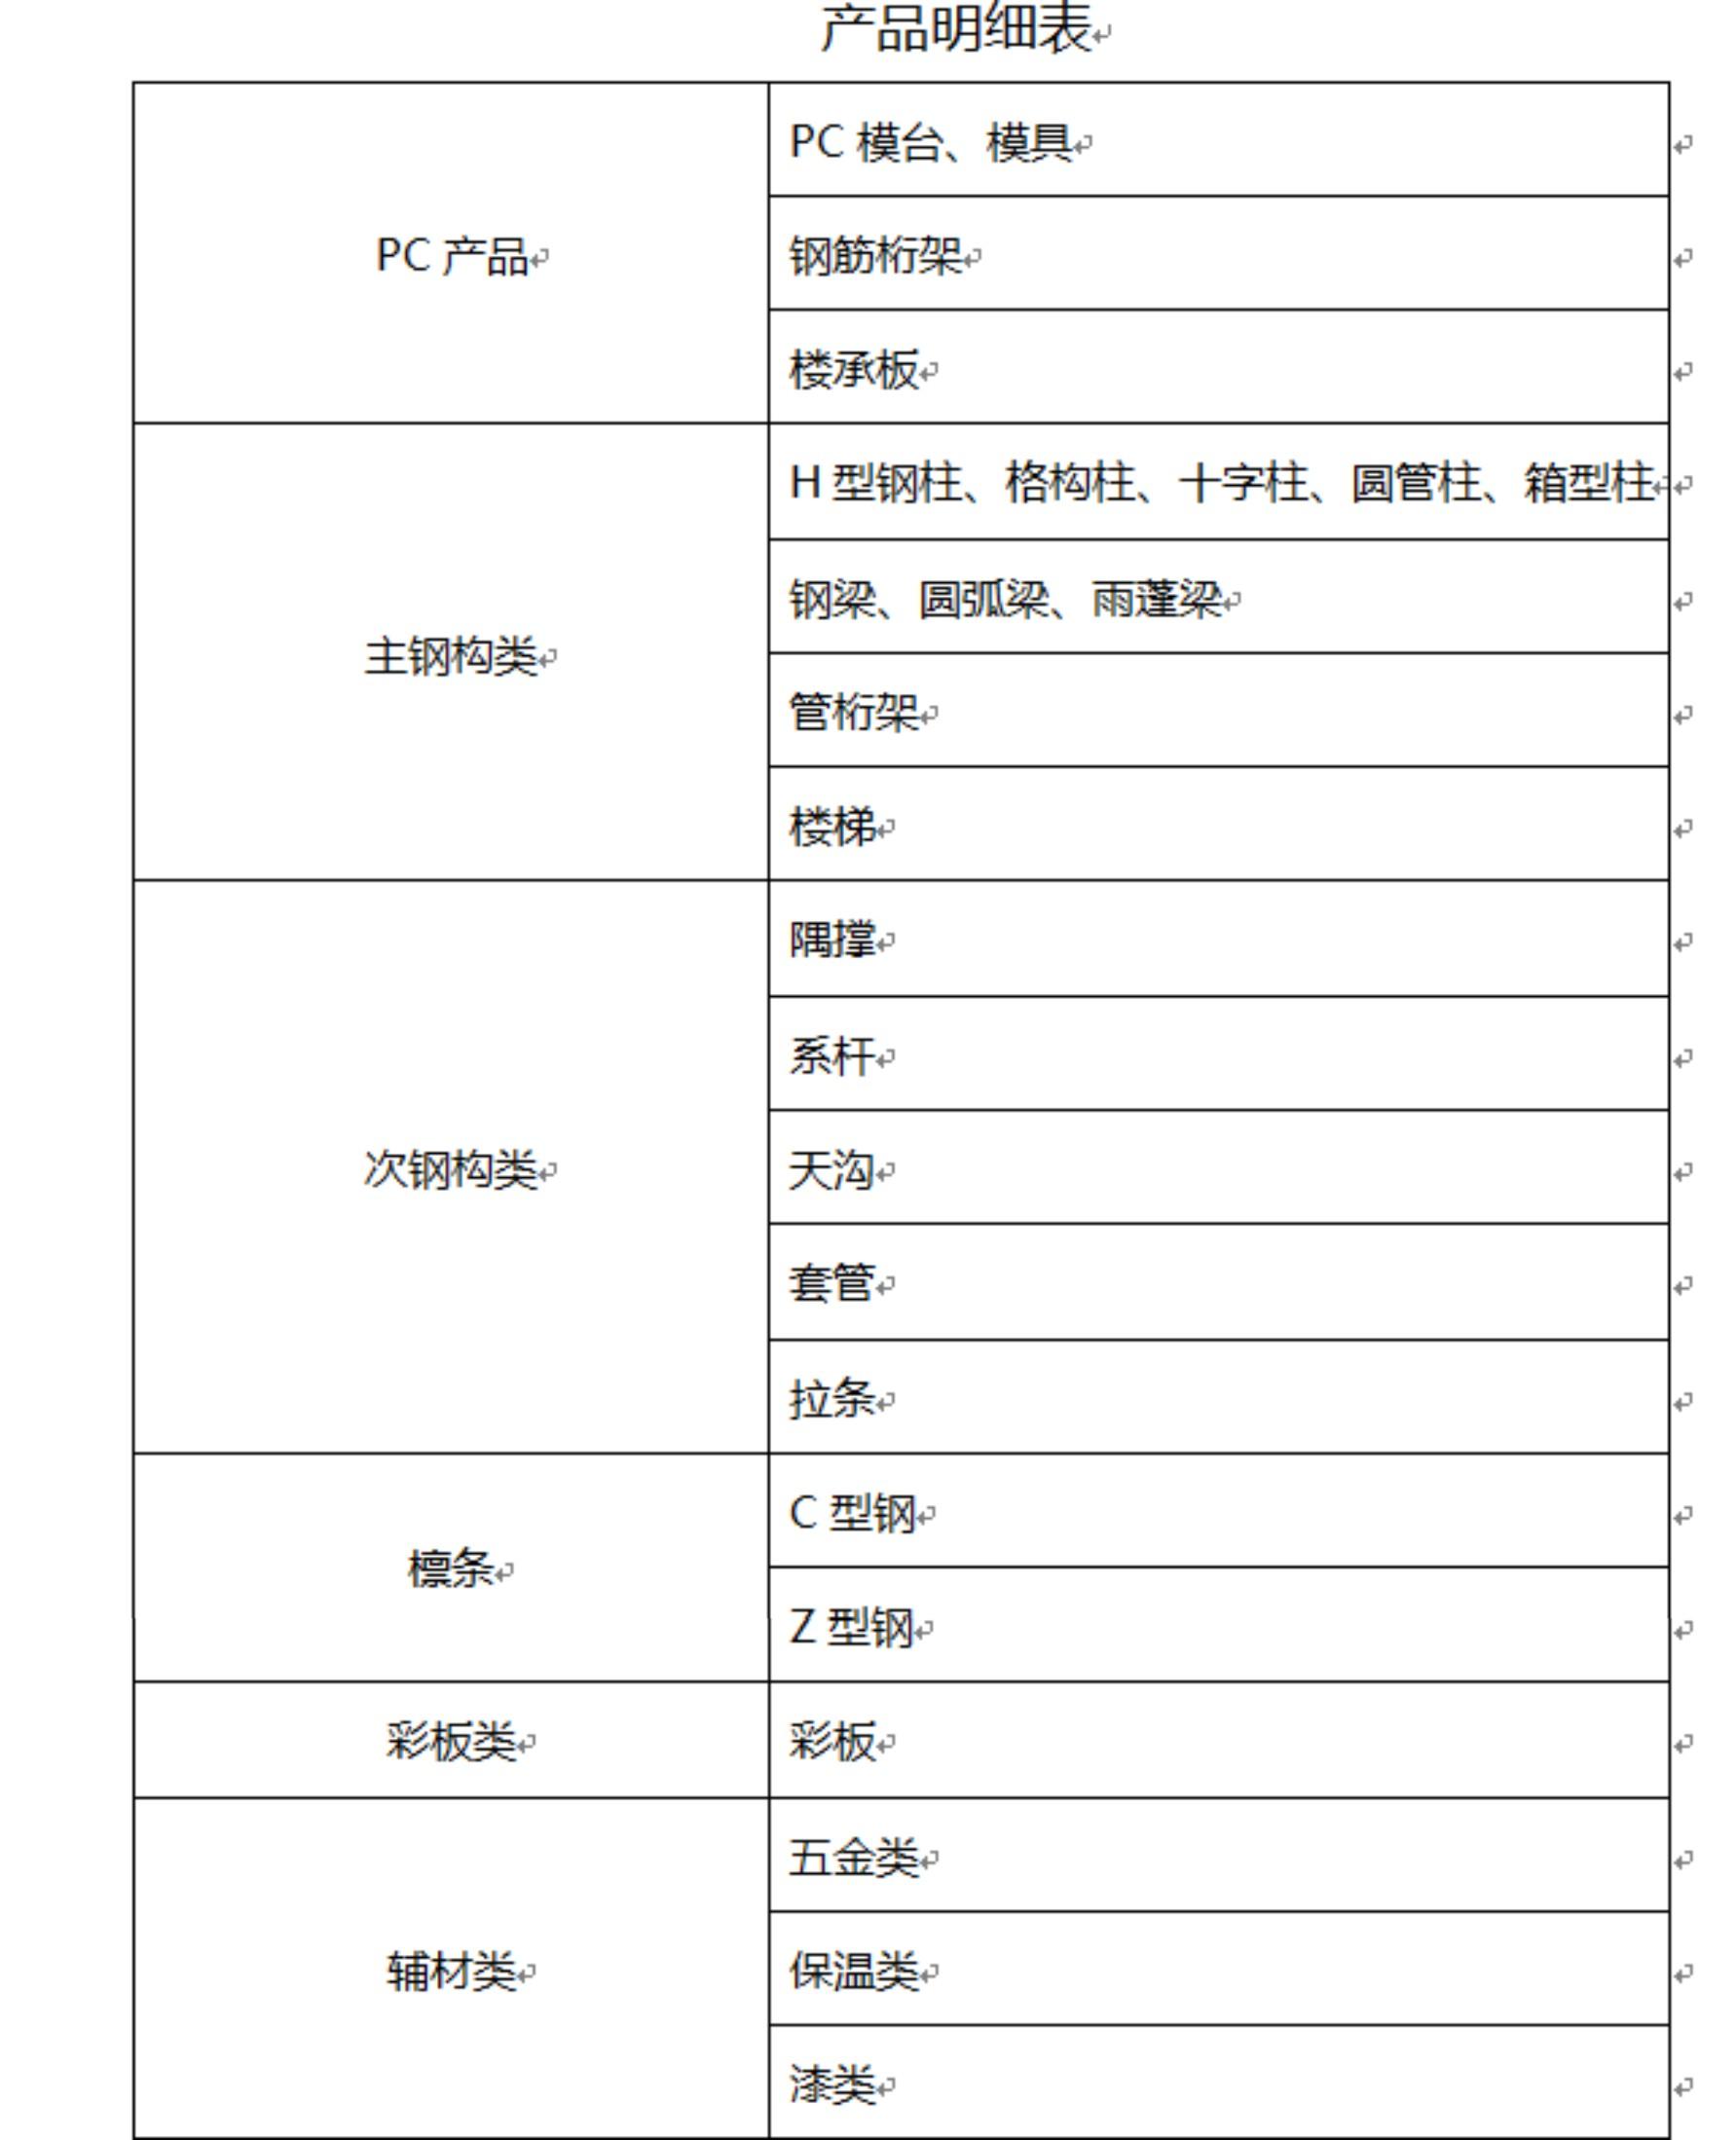 JPG产品图.jpg